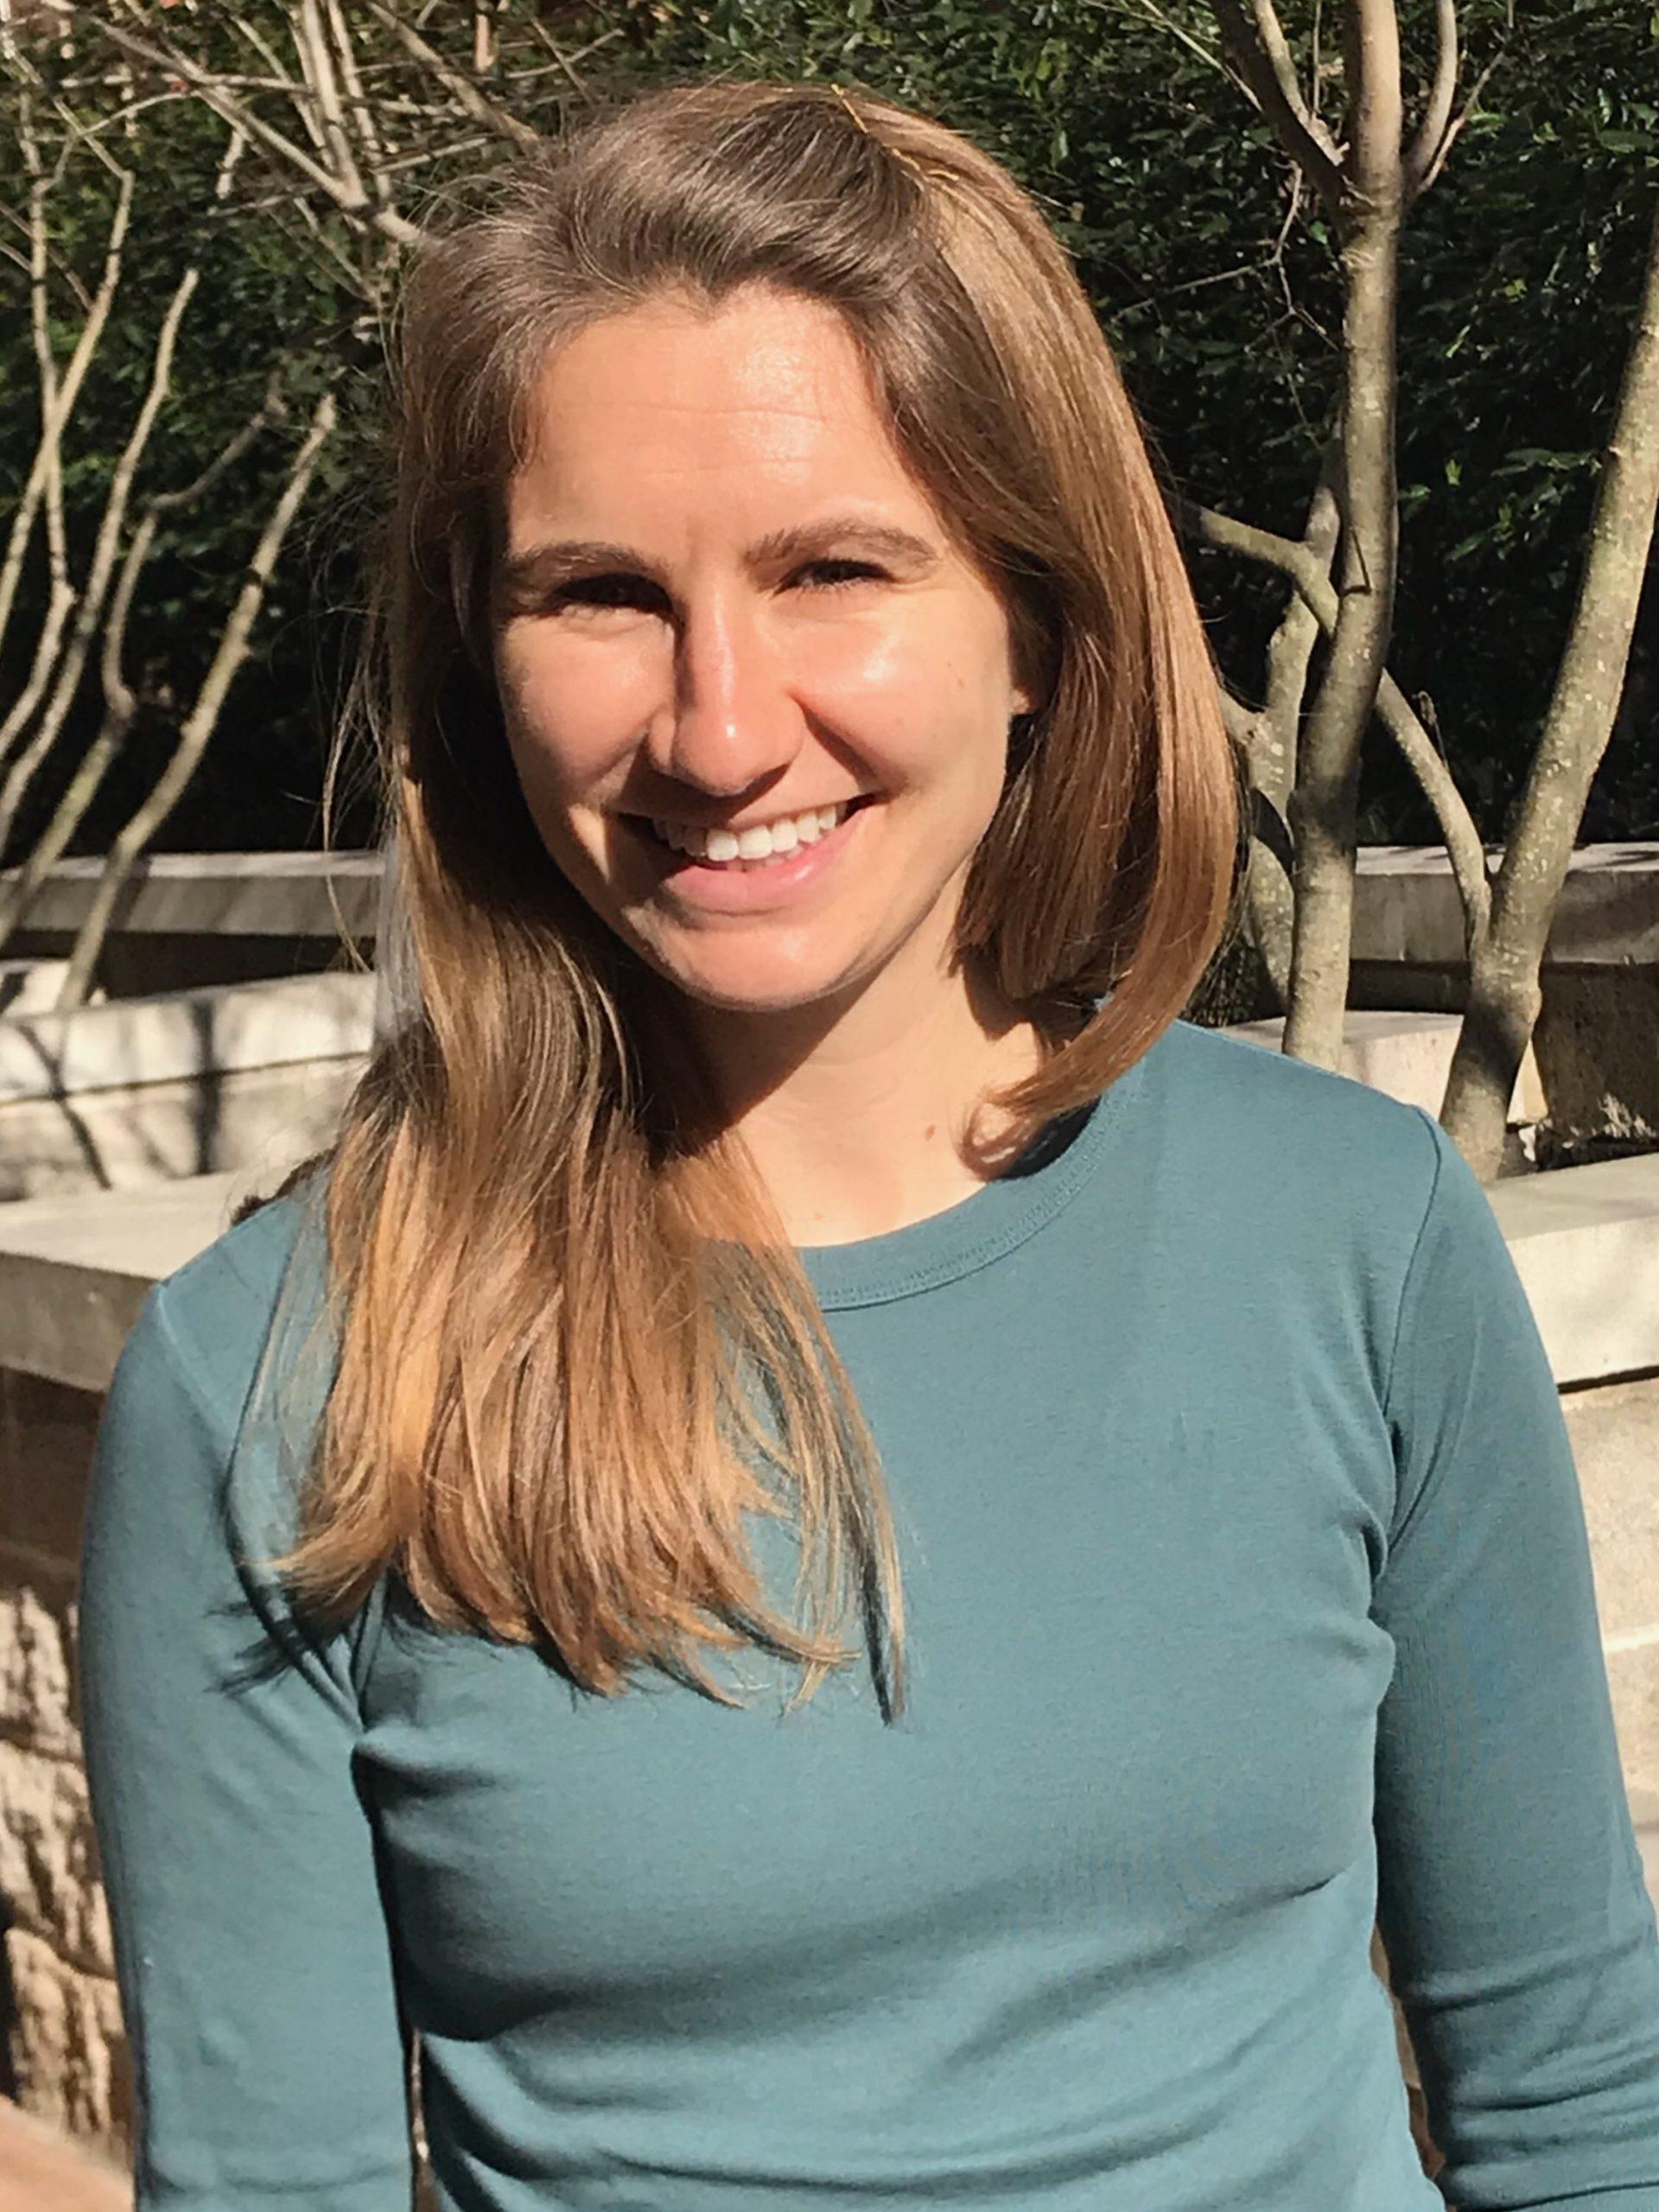 Lauren Shaub